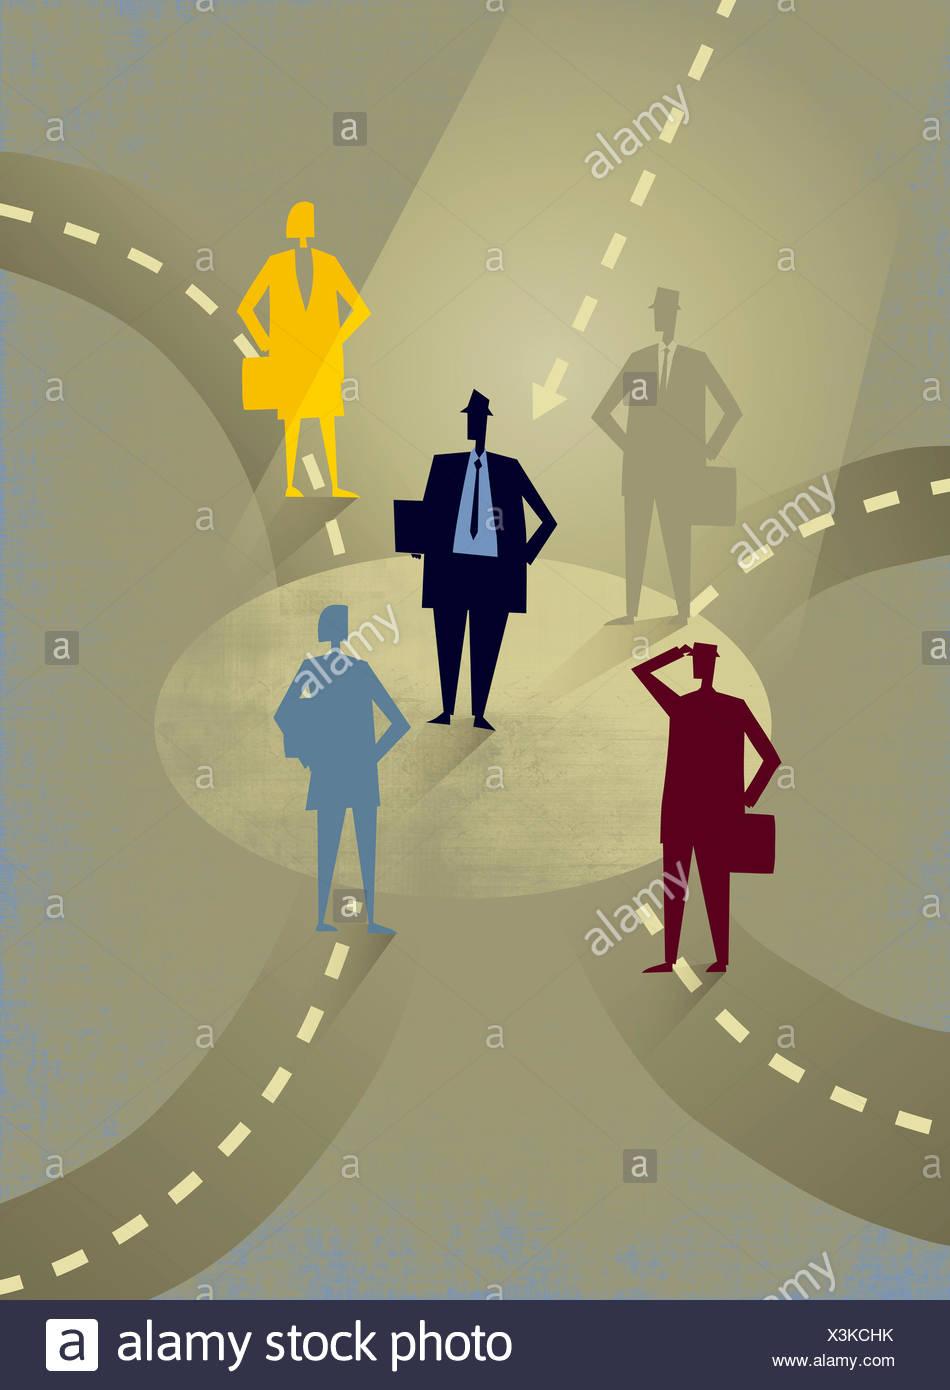 Girare In Tondo.Il Contrasto Di Imprenditore Di Successo Su Percorso